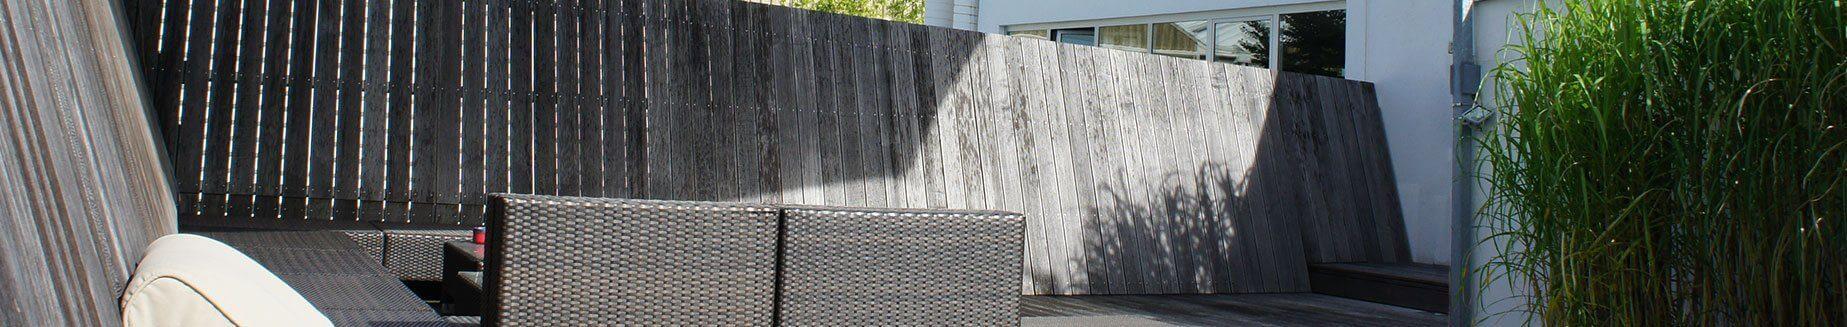 terasse-balkon